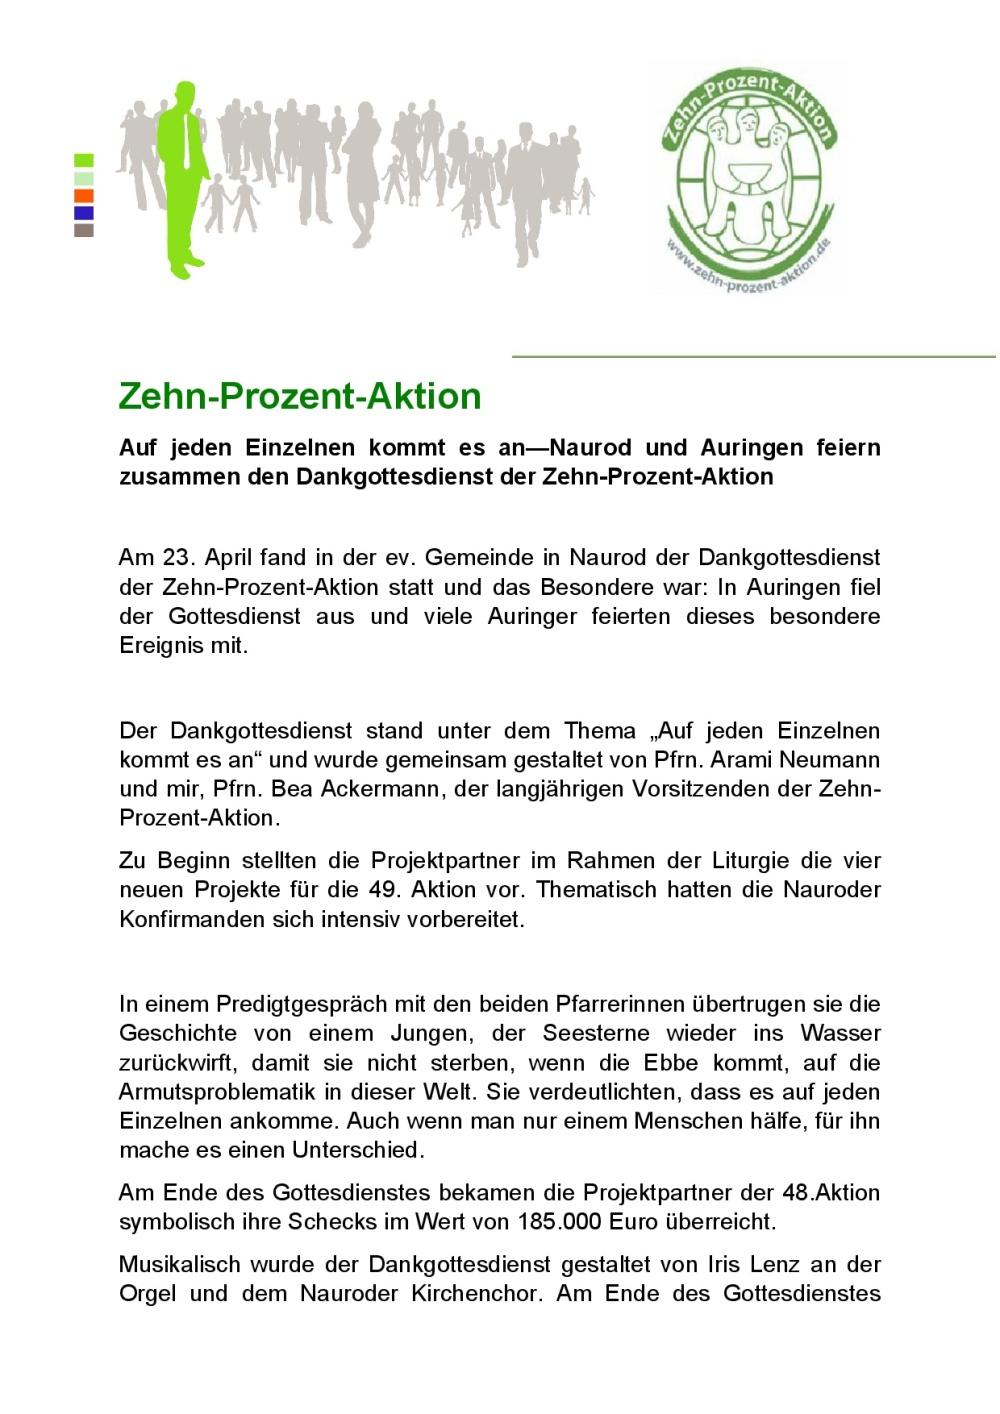 2017-04-23 Dankgottesdienst 10p Aktion-001